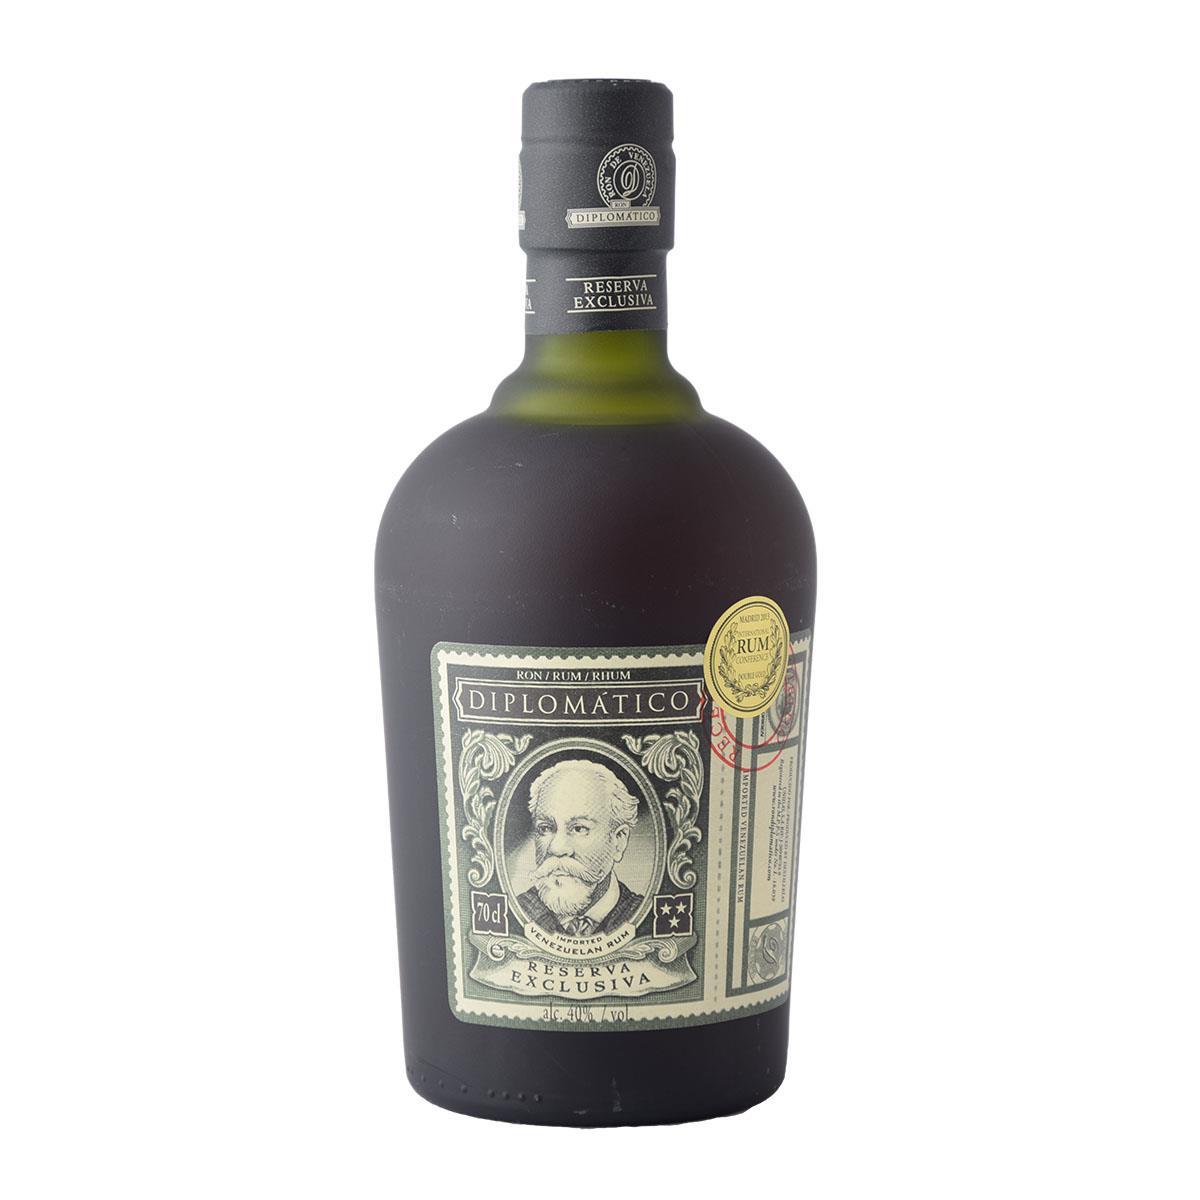 Diplomatico Reserva Exclusiva Rum 700ml